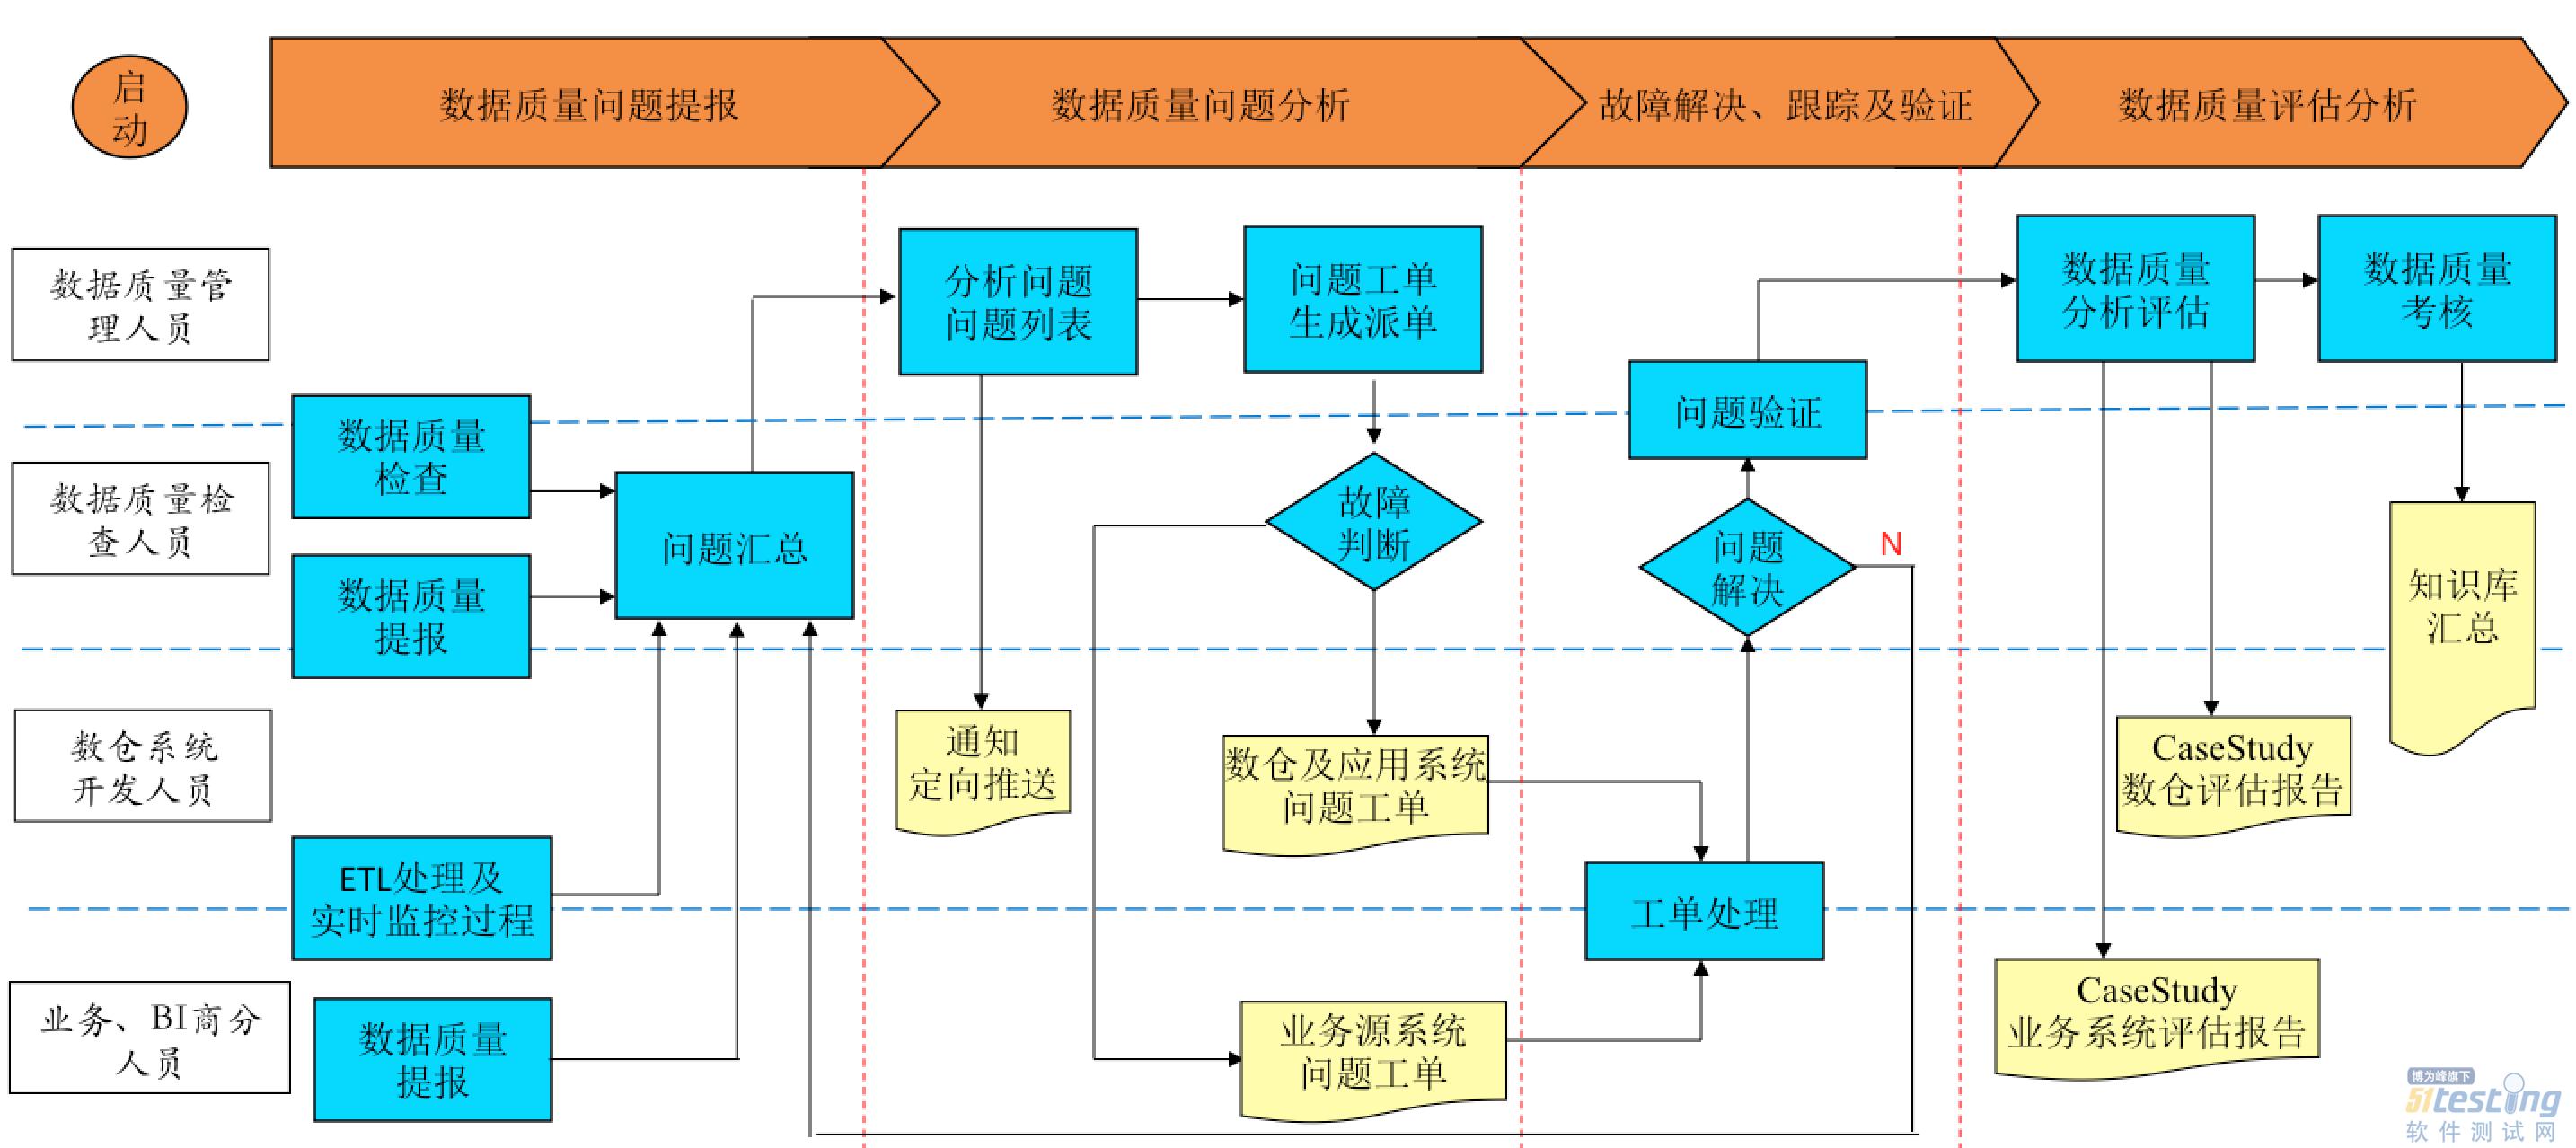 数据质量流程图